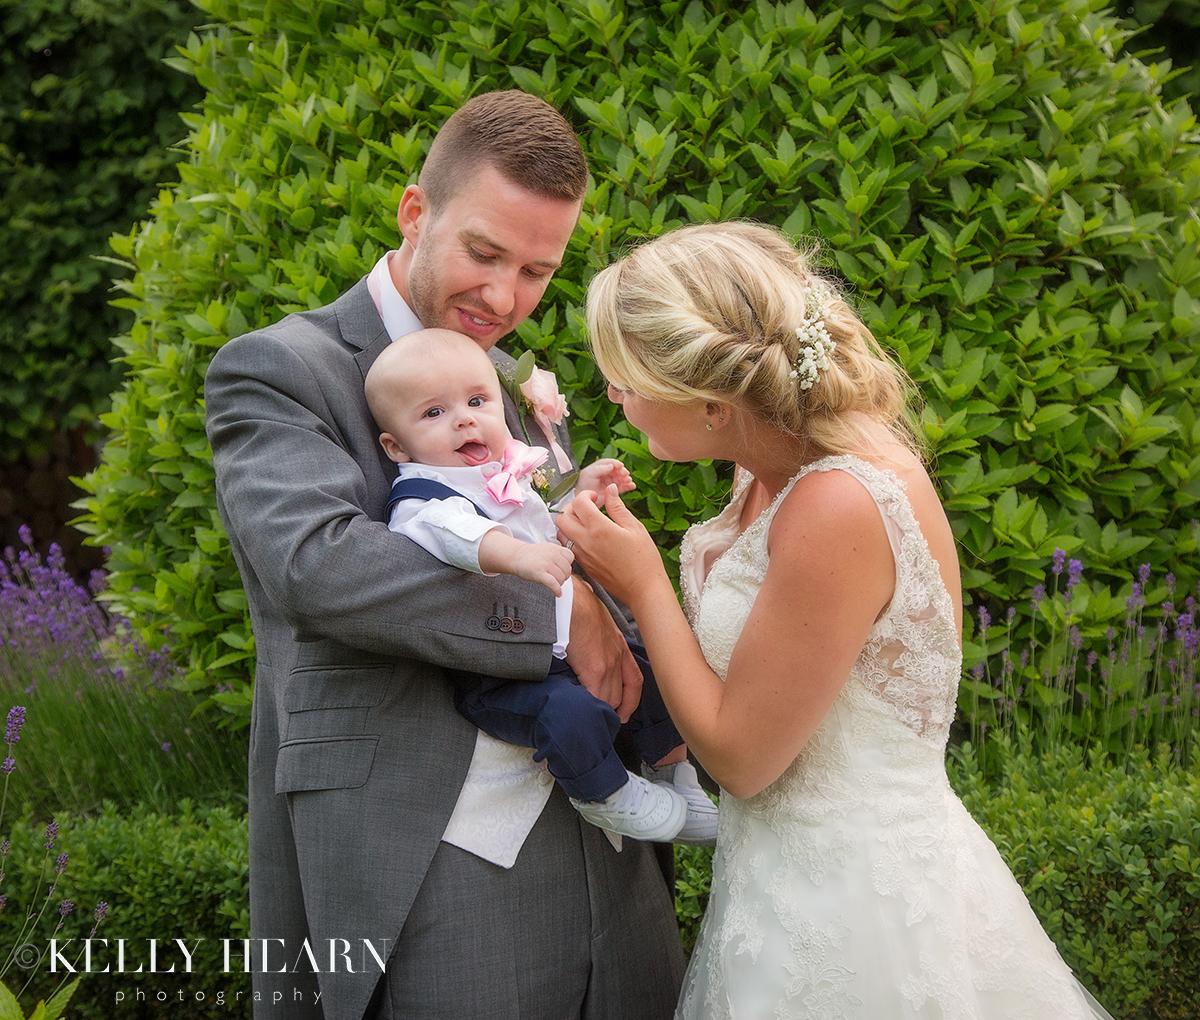 THO_bride-groom-oliver.jpg#asset:2107